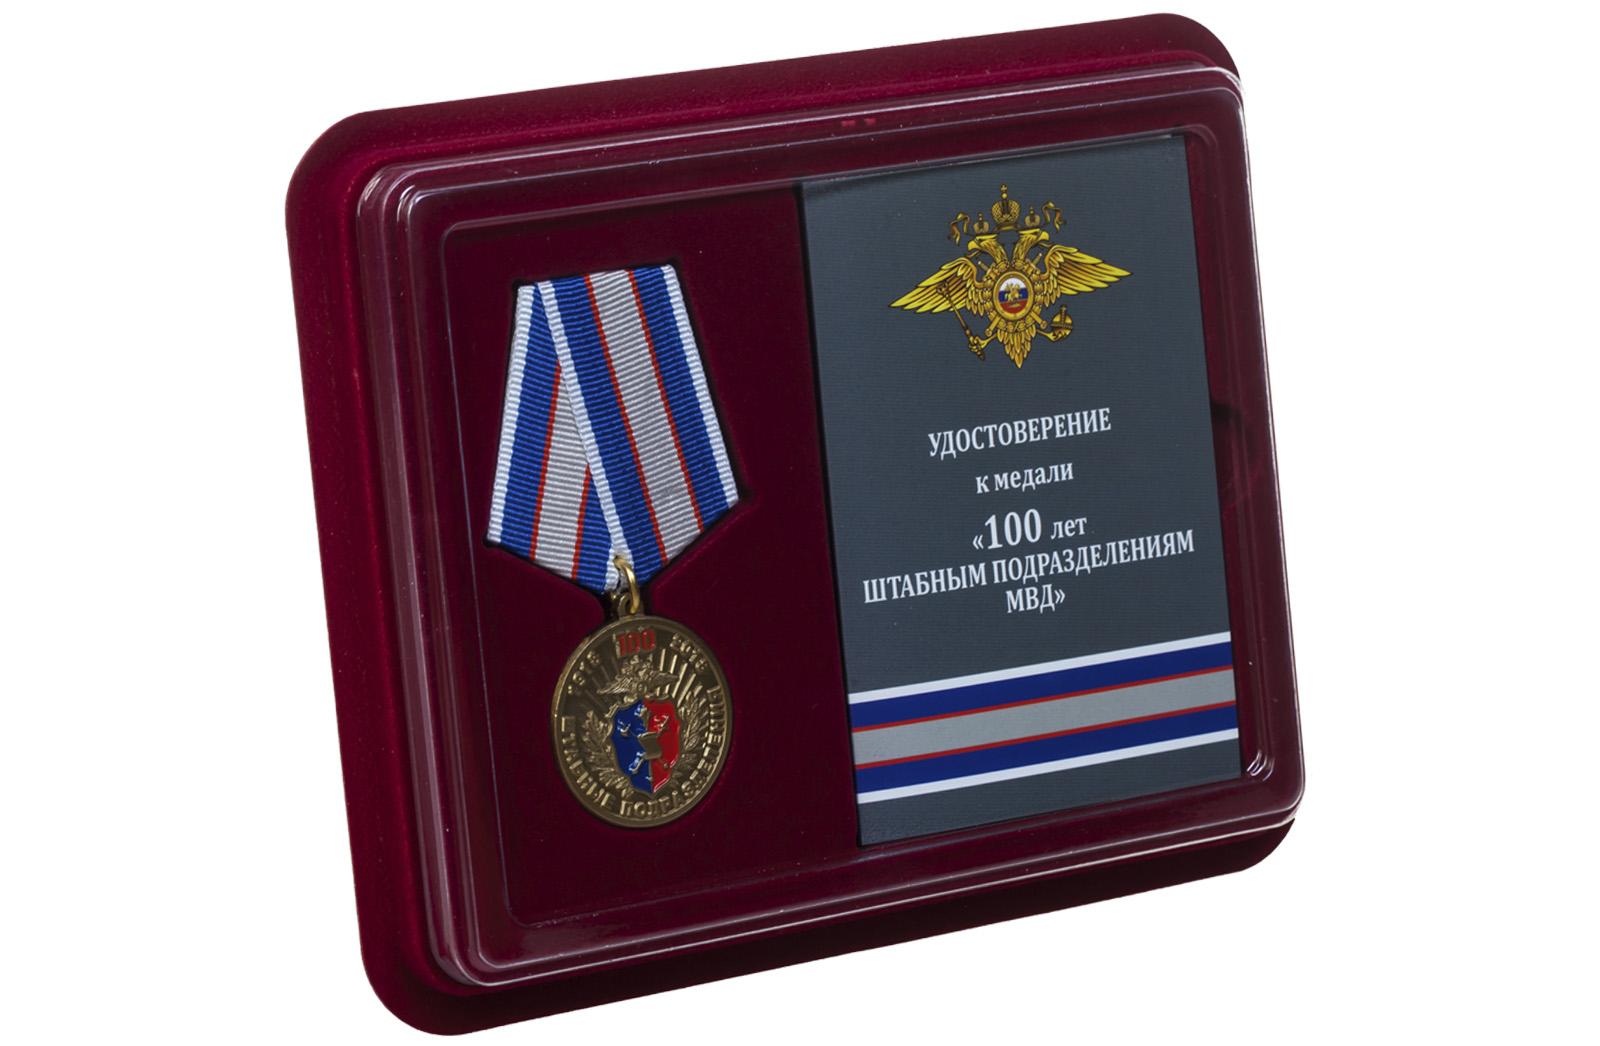 Купить медаль МВД РФ 100 лет Штабным подразделениям по лучшей цене